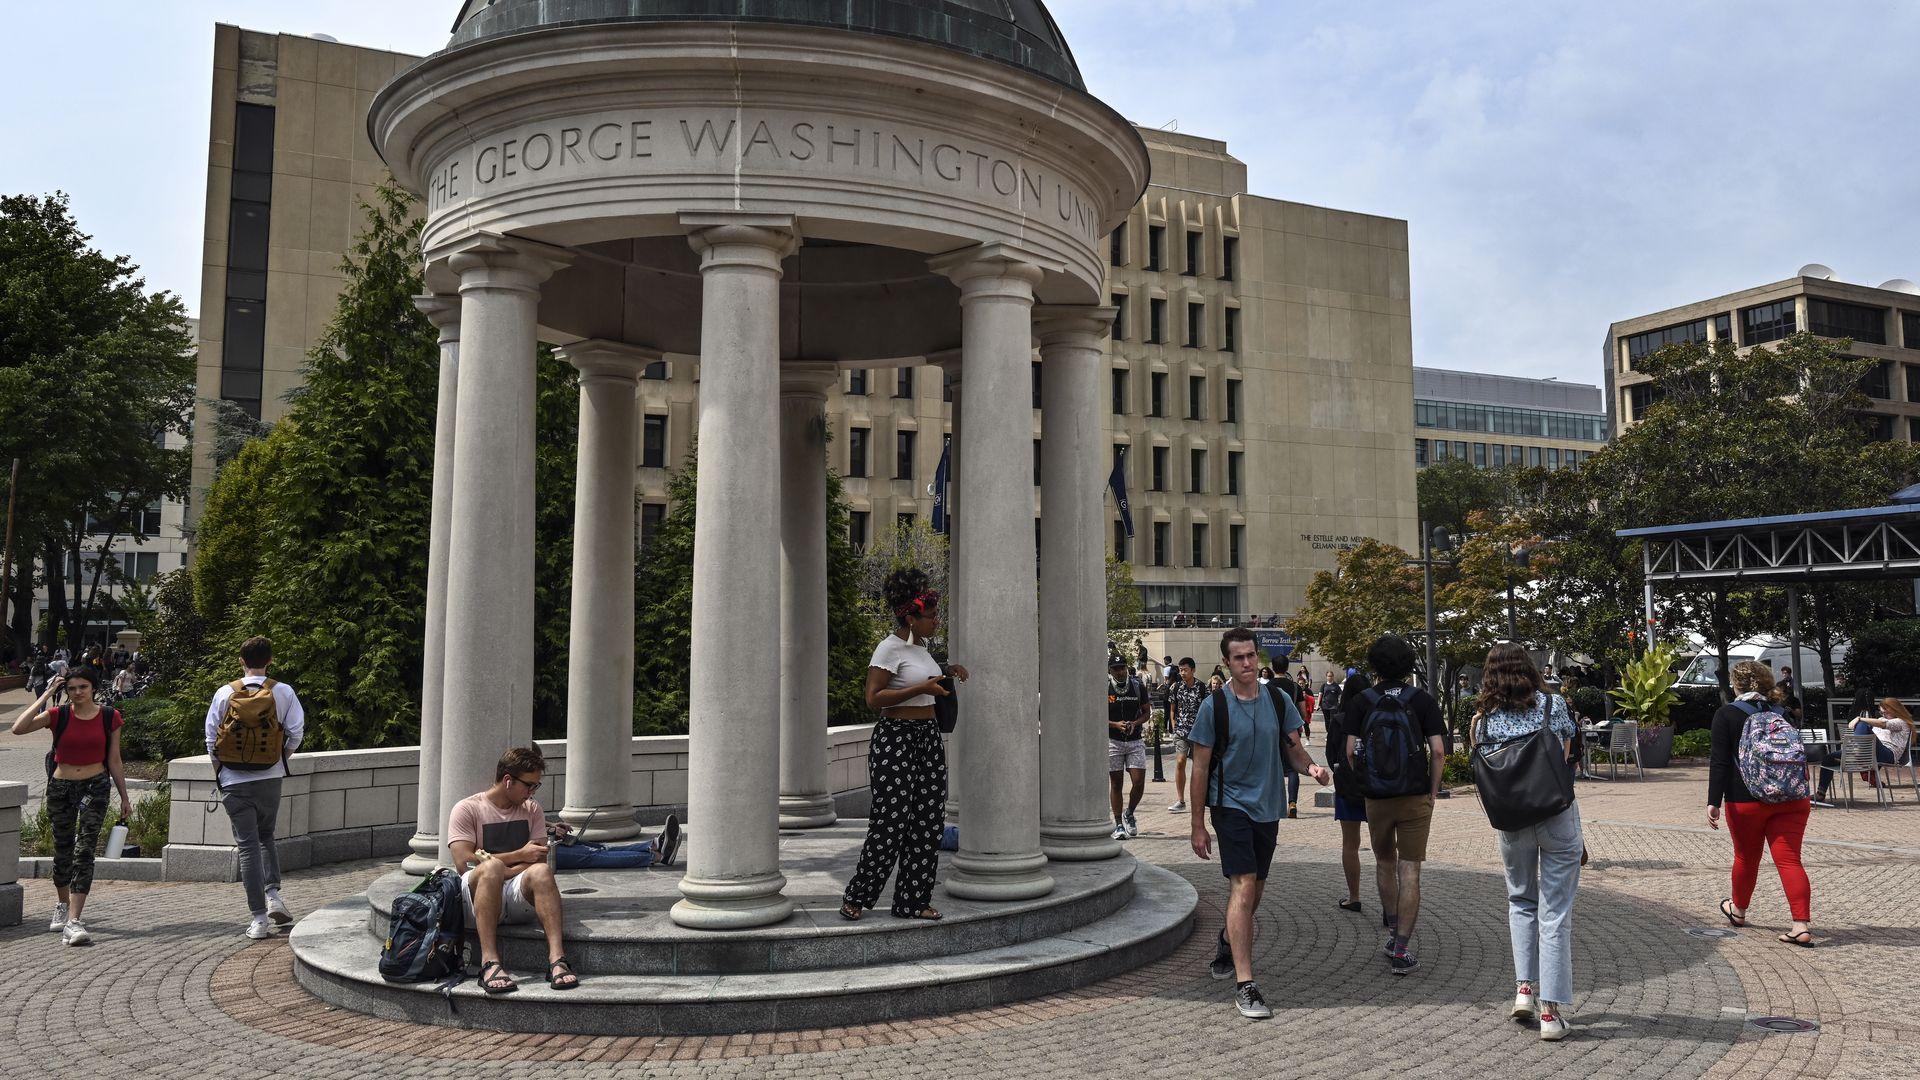 Students at George Washington University